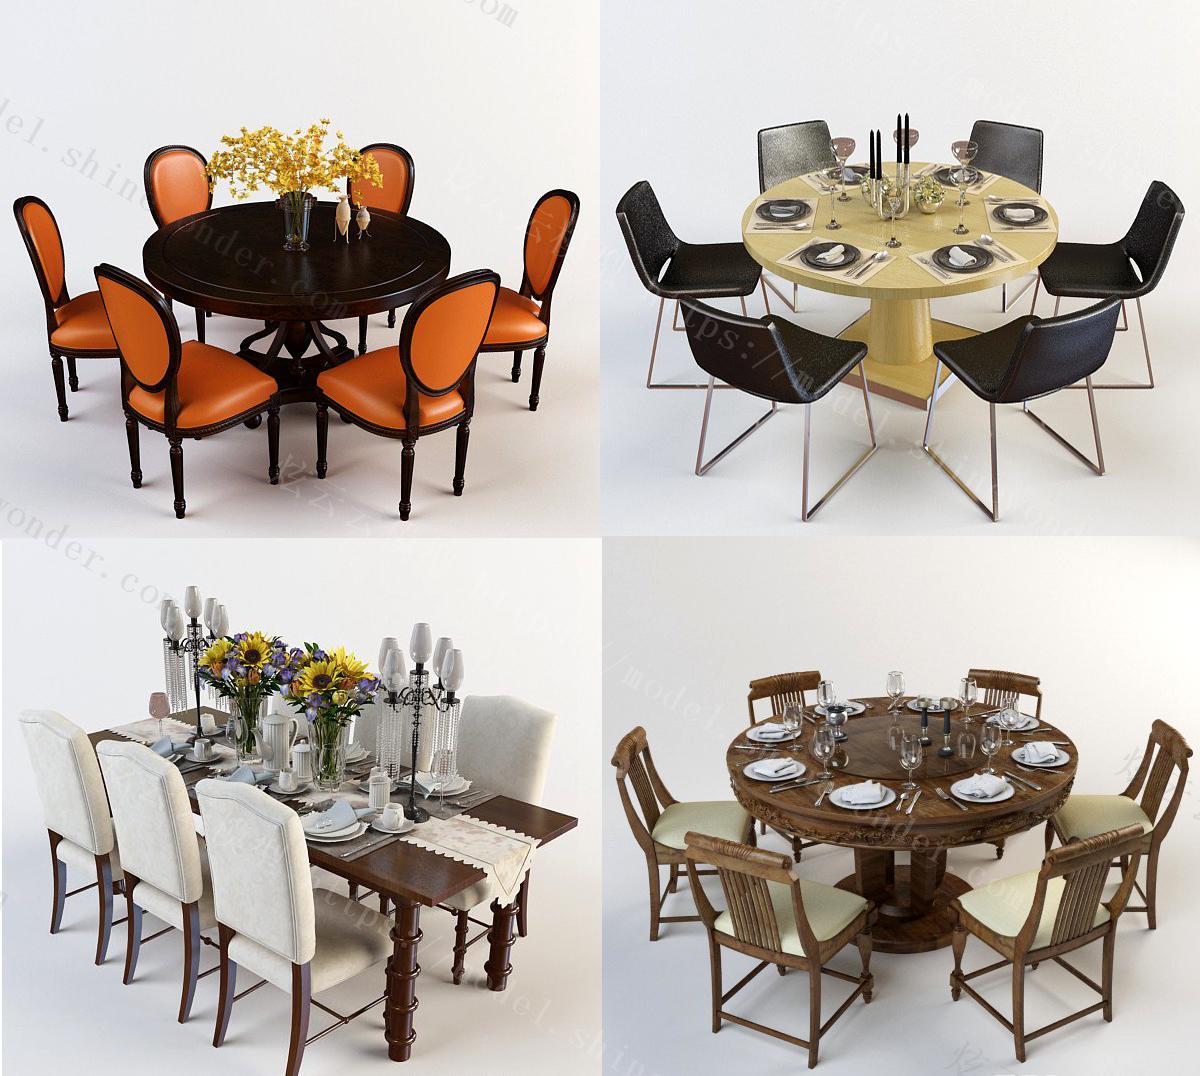 美式餐厅餐桌组合模型